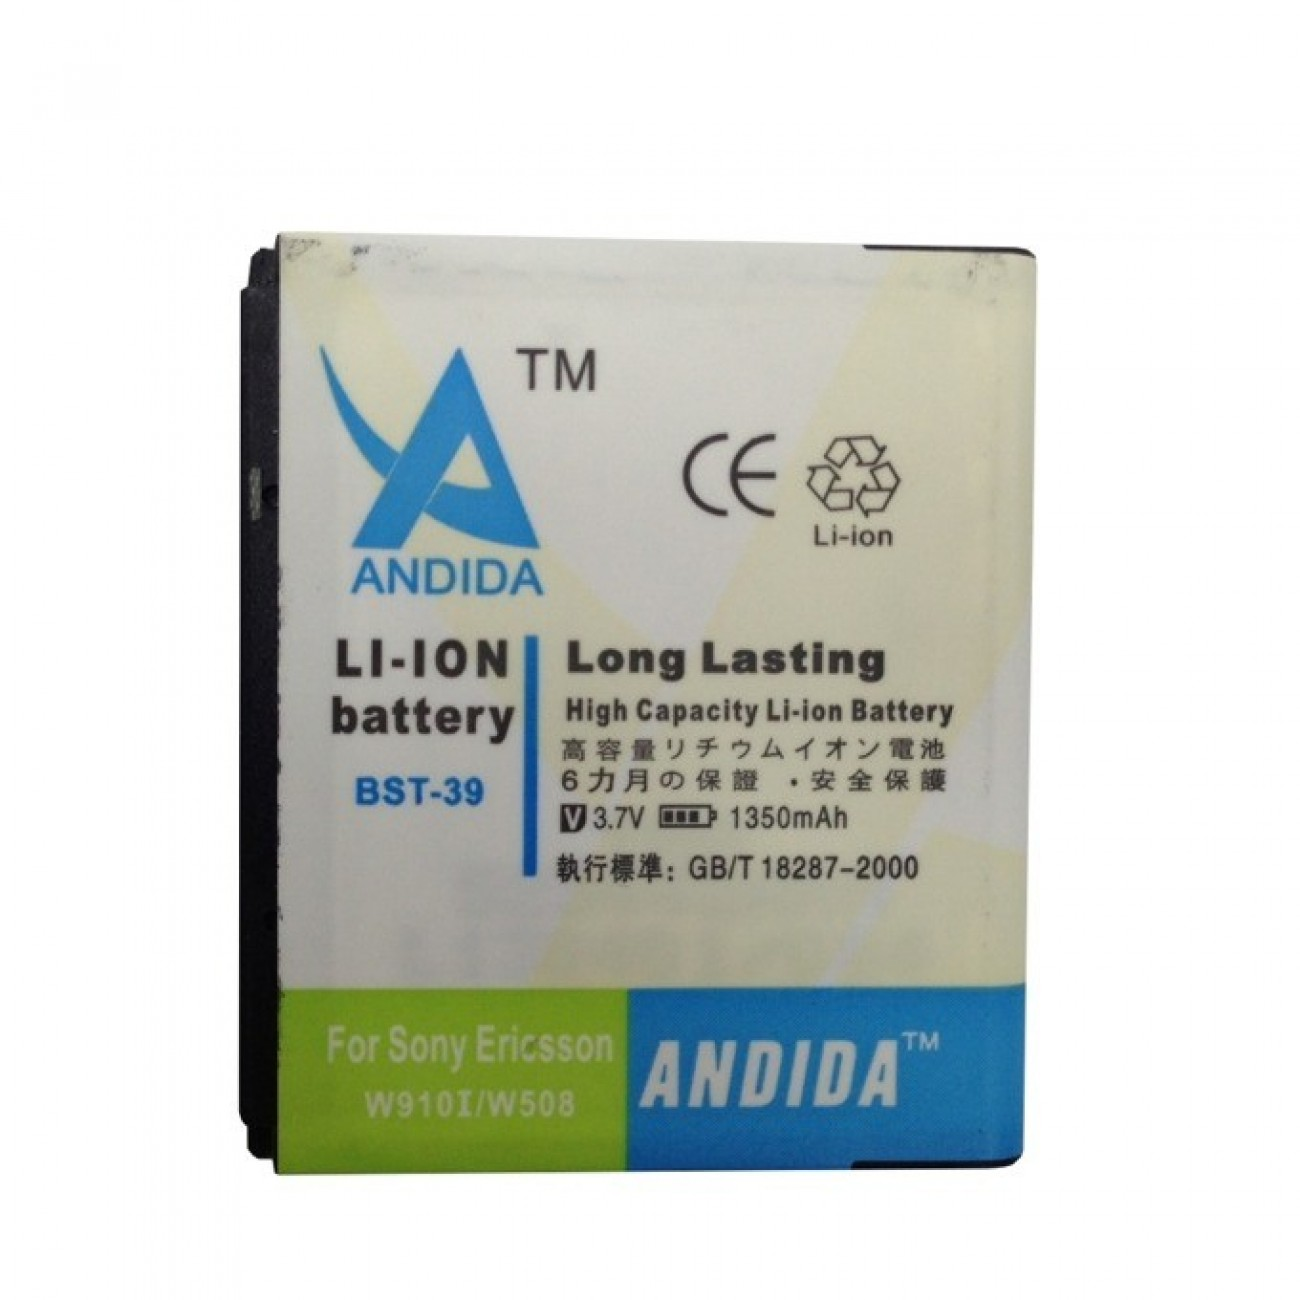 Батерия (заместител) за Sony Ericsson BST-39, 1350mAh/3.7V в Батерии за Телефони, Таблети -  | Alleop